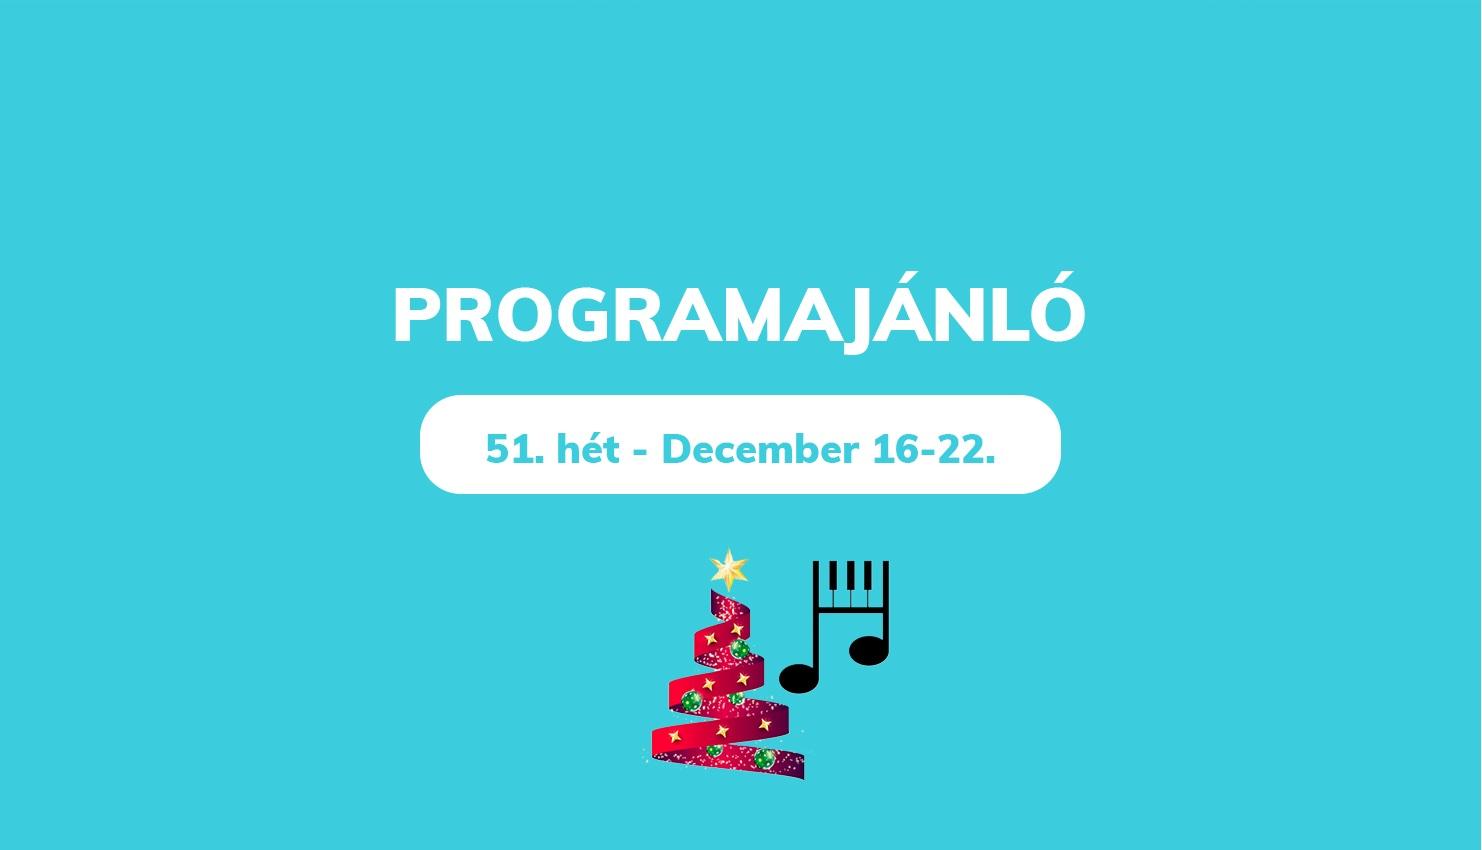 Heti programajánlónk – 51.hét / December 16-22.